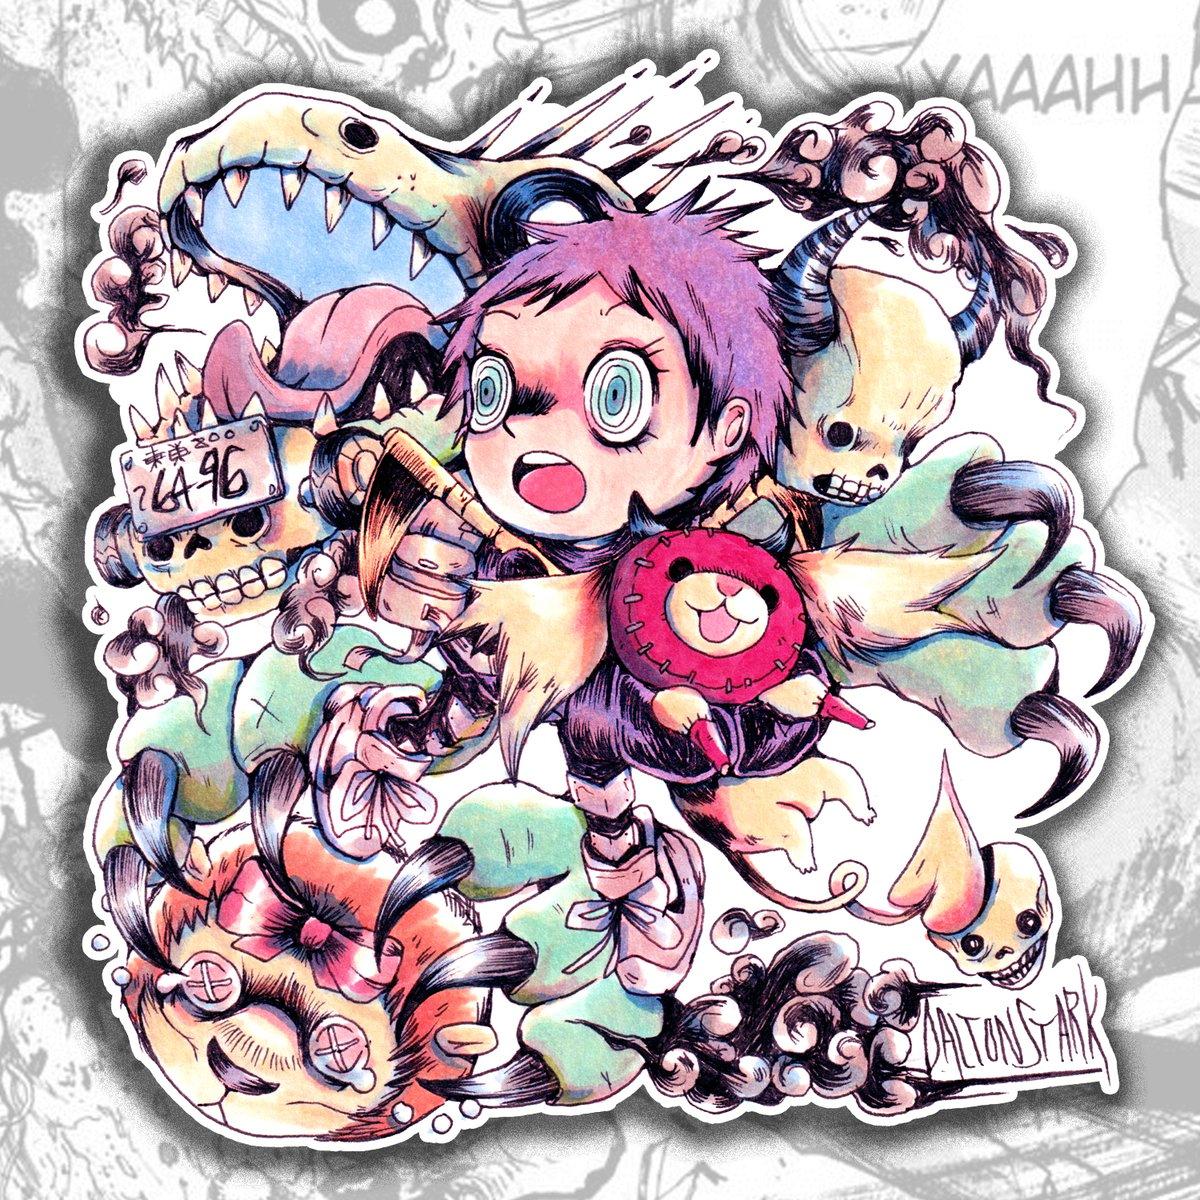 Image of Ebisu Sticker